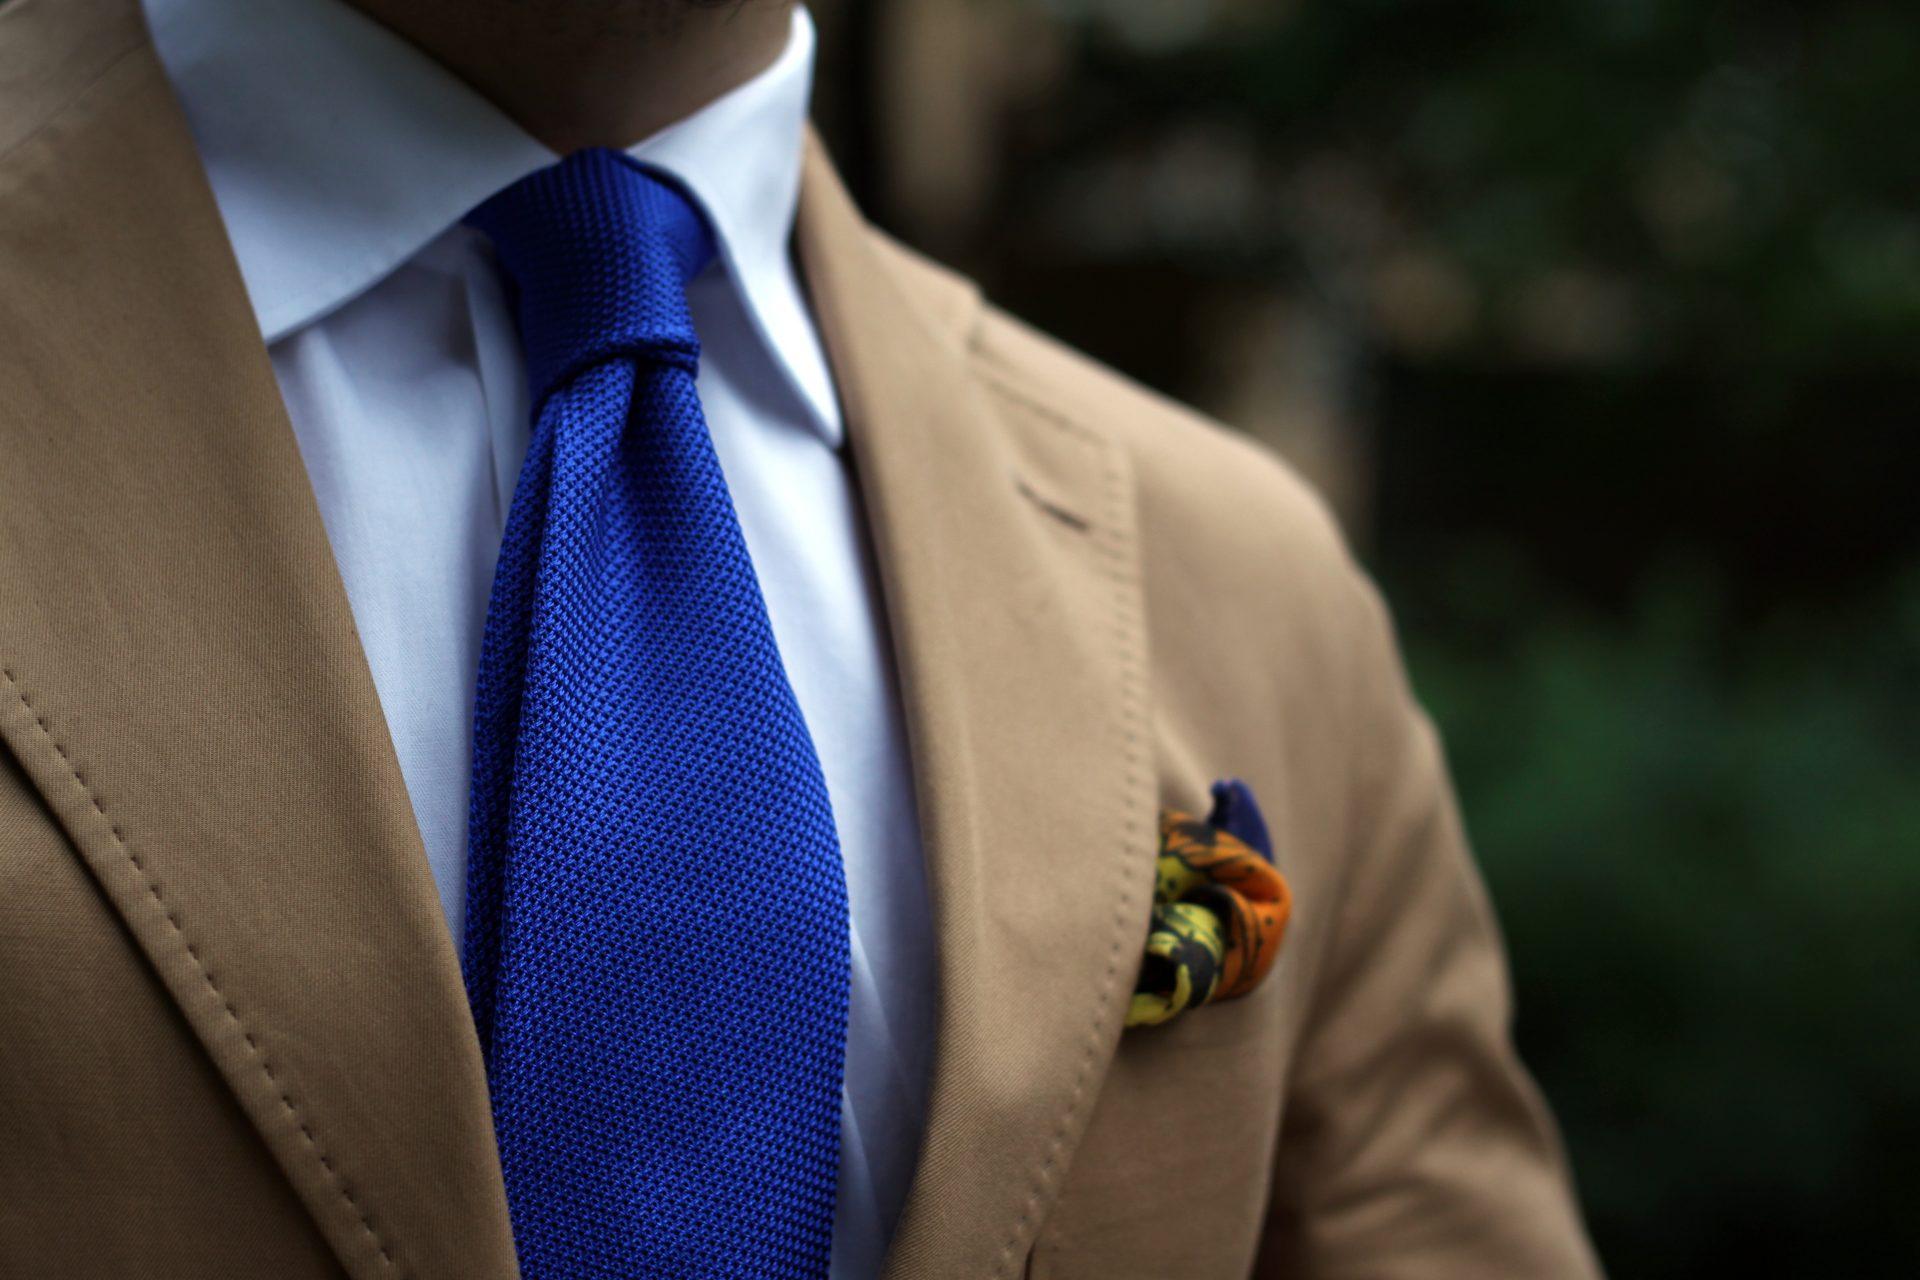 Sininen grenadiinisolmio ja kuviollinen taskuliina